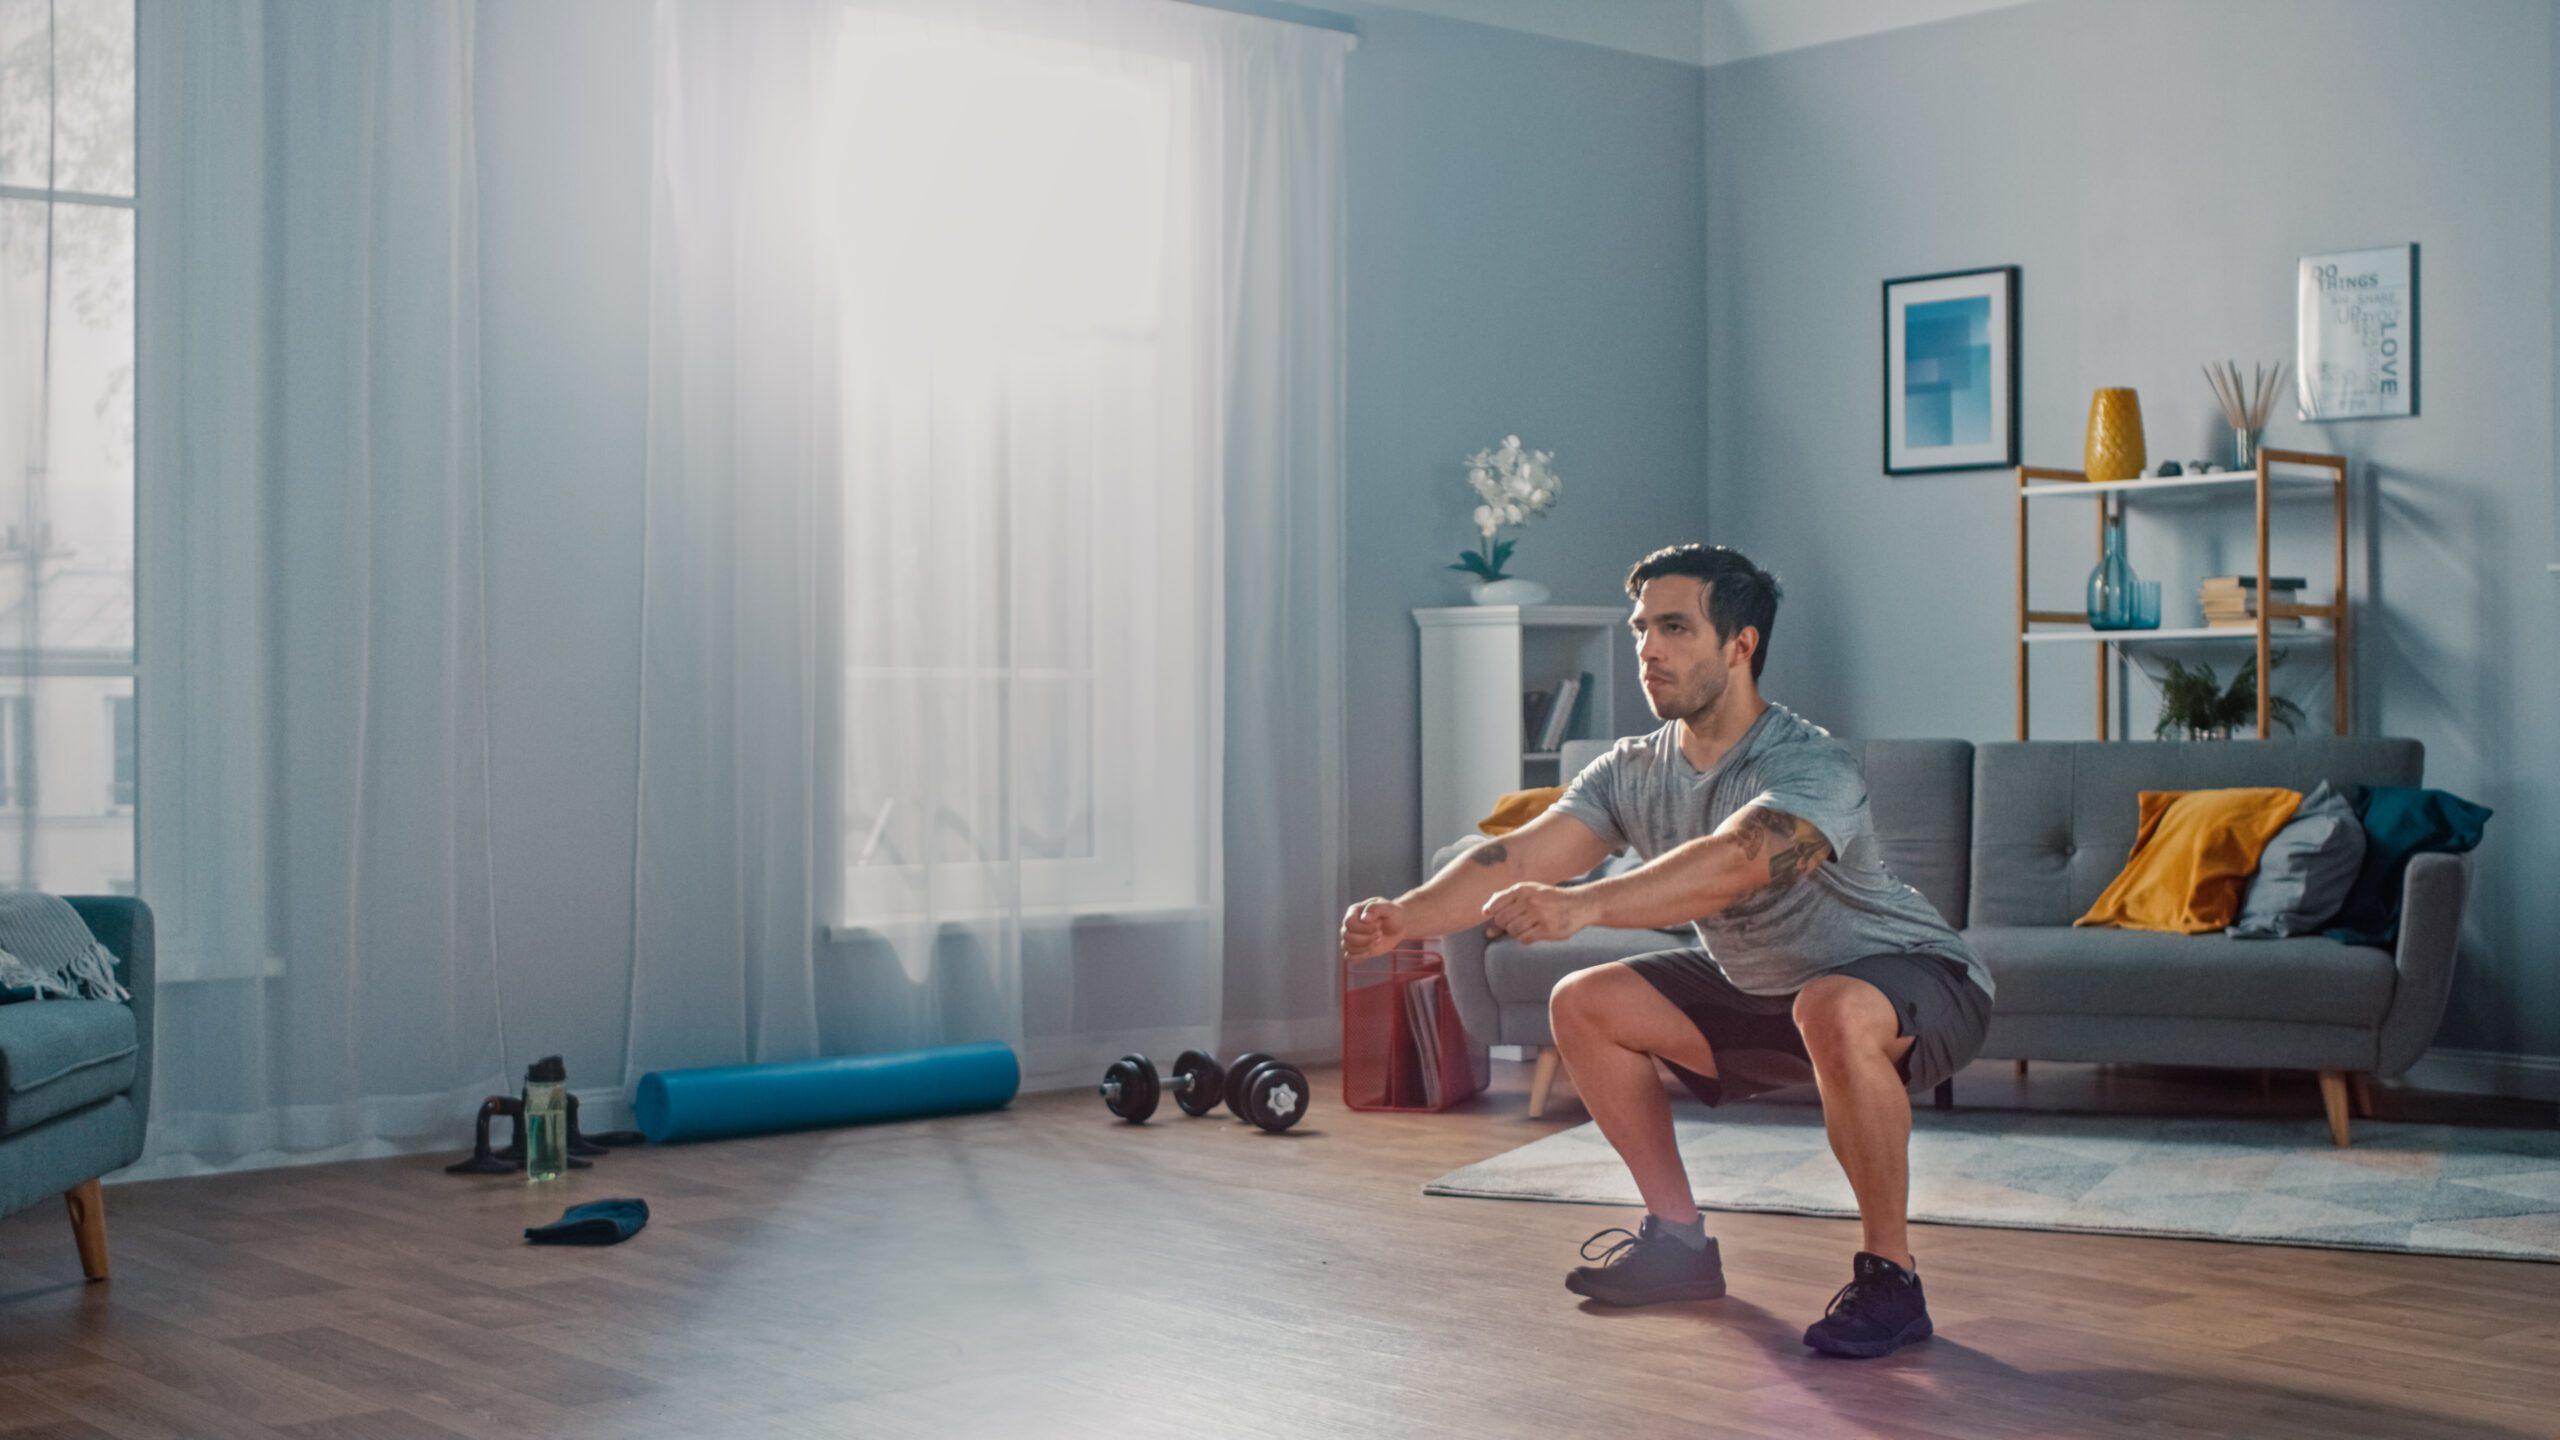 Minder blessures door meer trainen